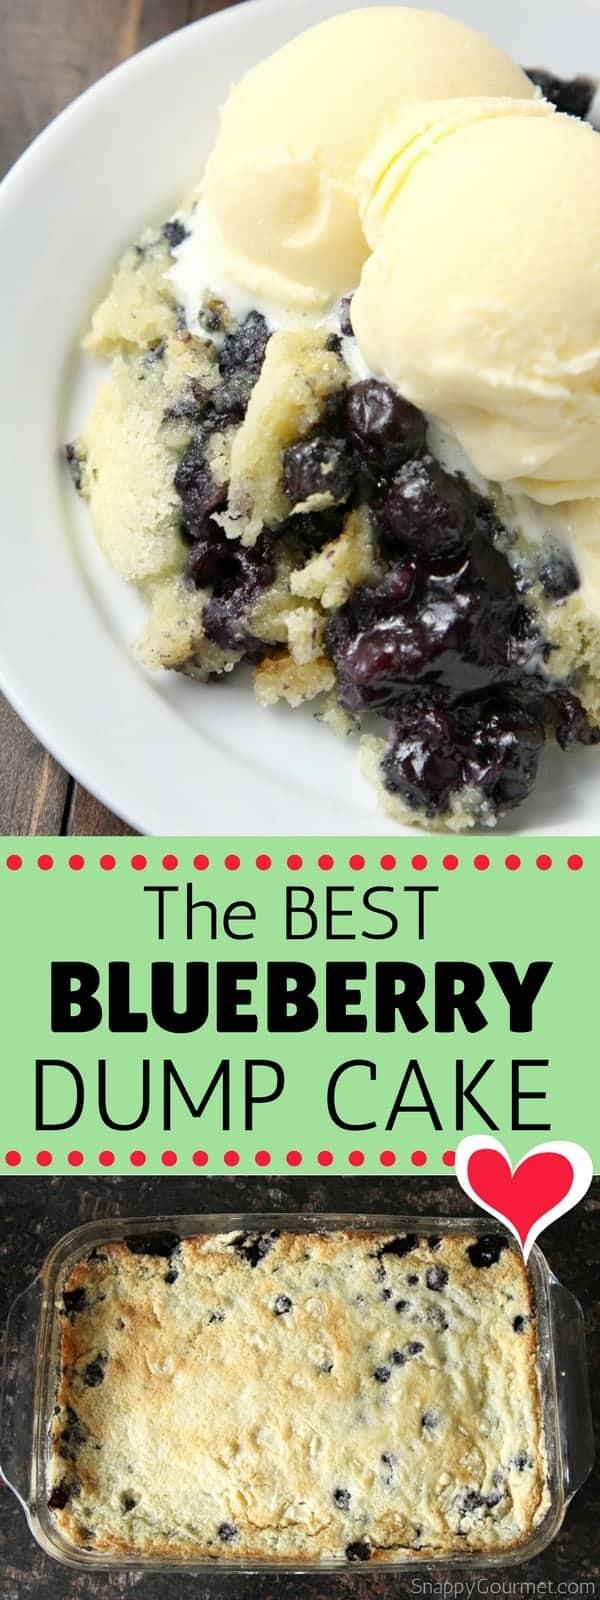 Blueberry Dump Cake Recipe - how to make a blueberry dump cake